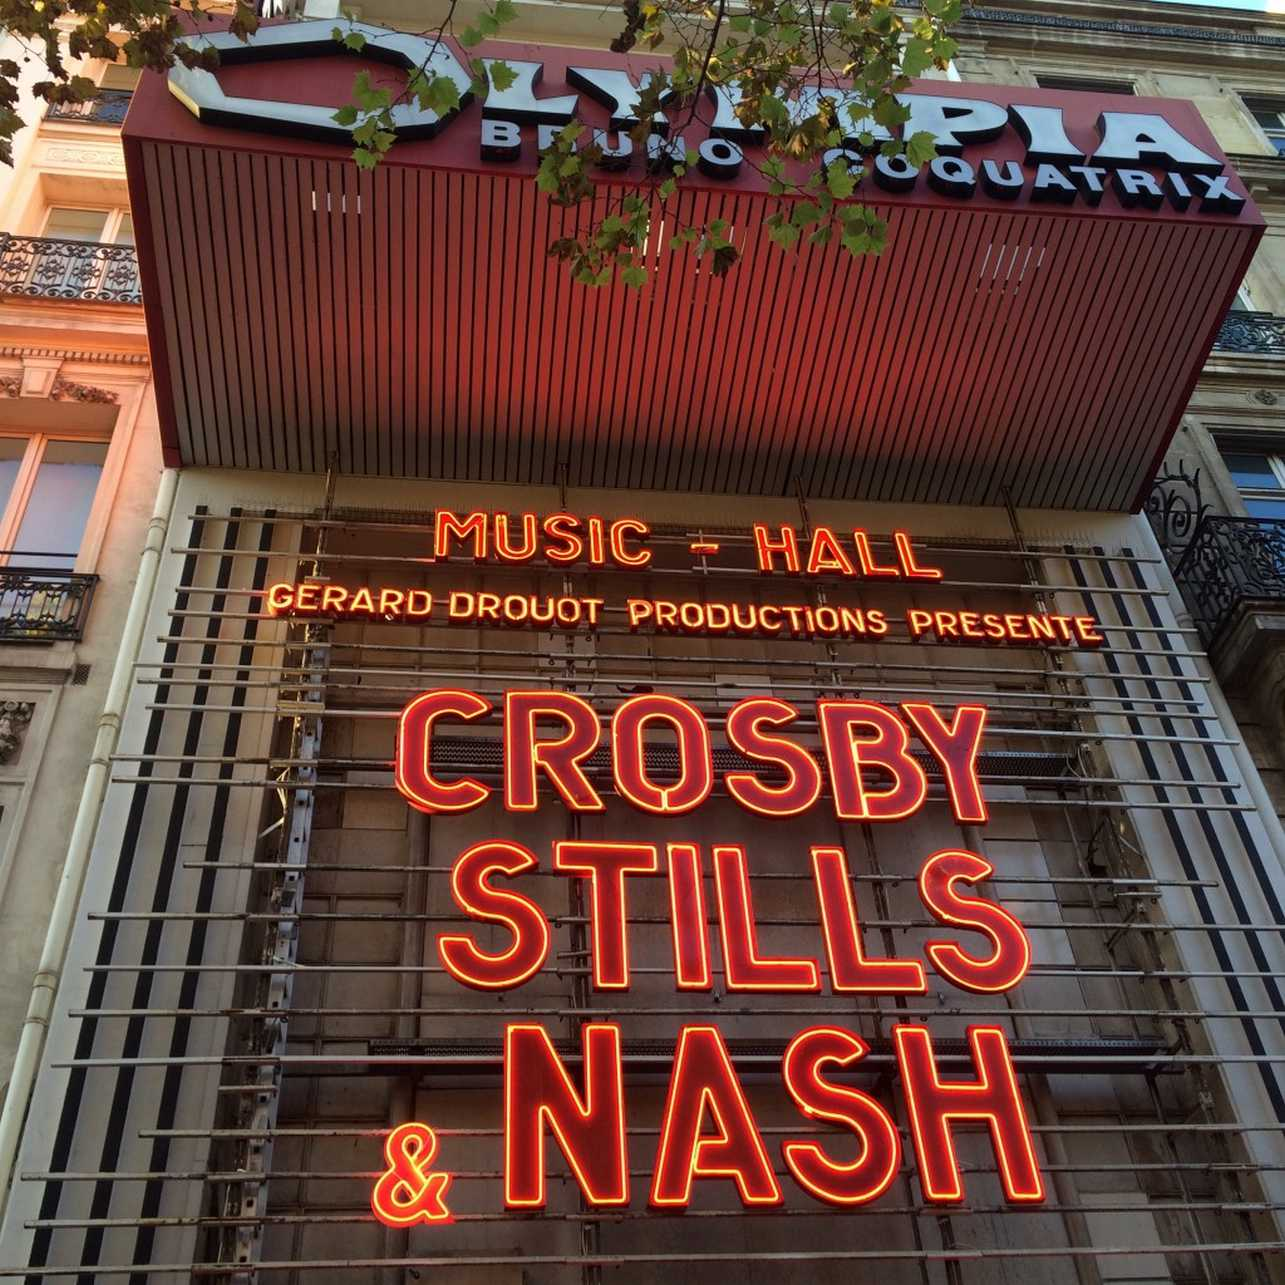 Crosby, Stills & Nash ! - blog femmes 50 ans - blog quinqua